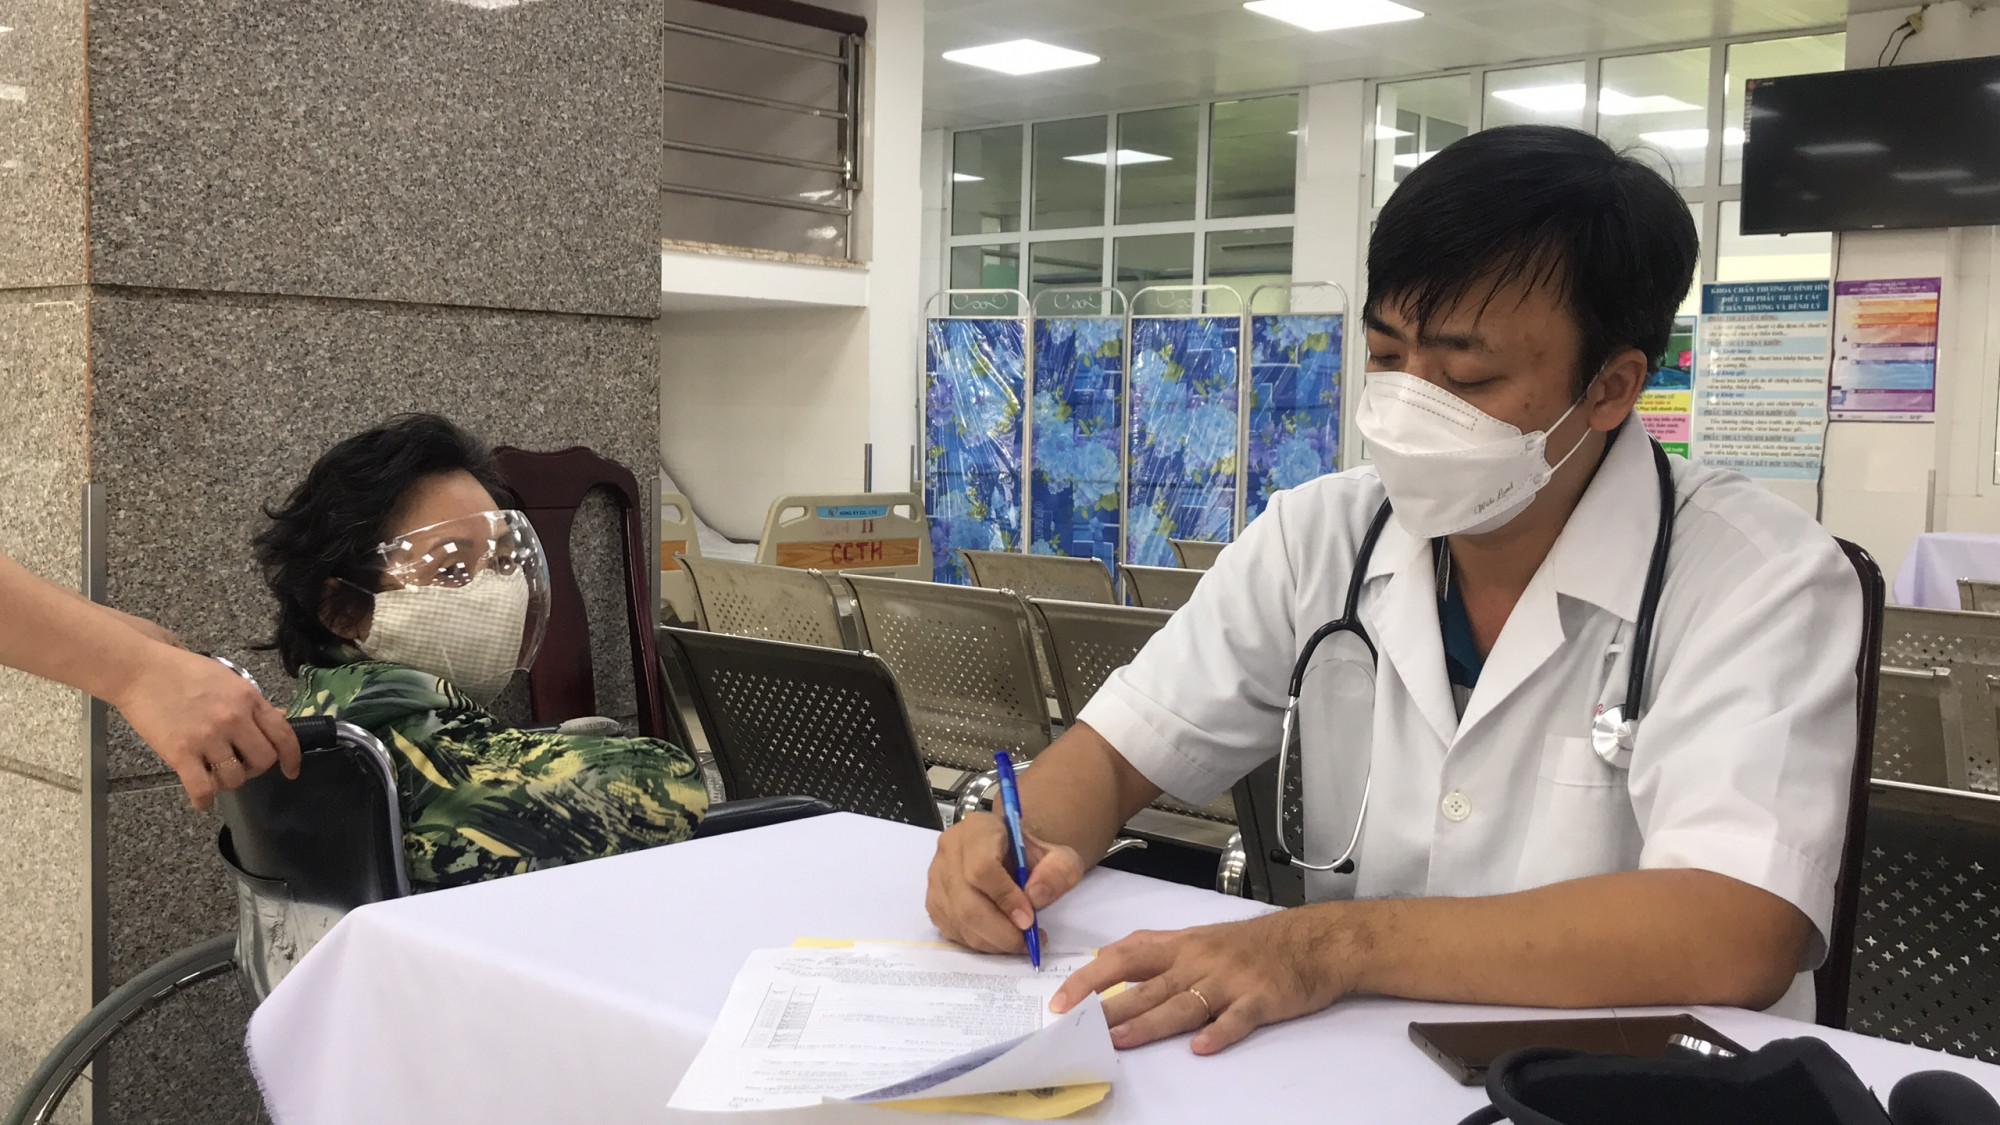 Bác sĩ khám sàng lọc cho một phụ nữ khuyết tật cao tuổi trước khi tiêm vắc xin ngừa COVID-19